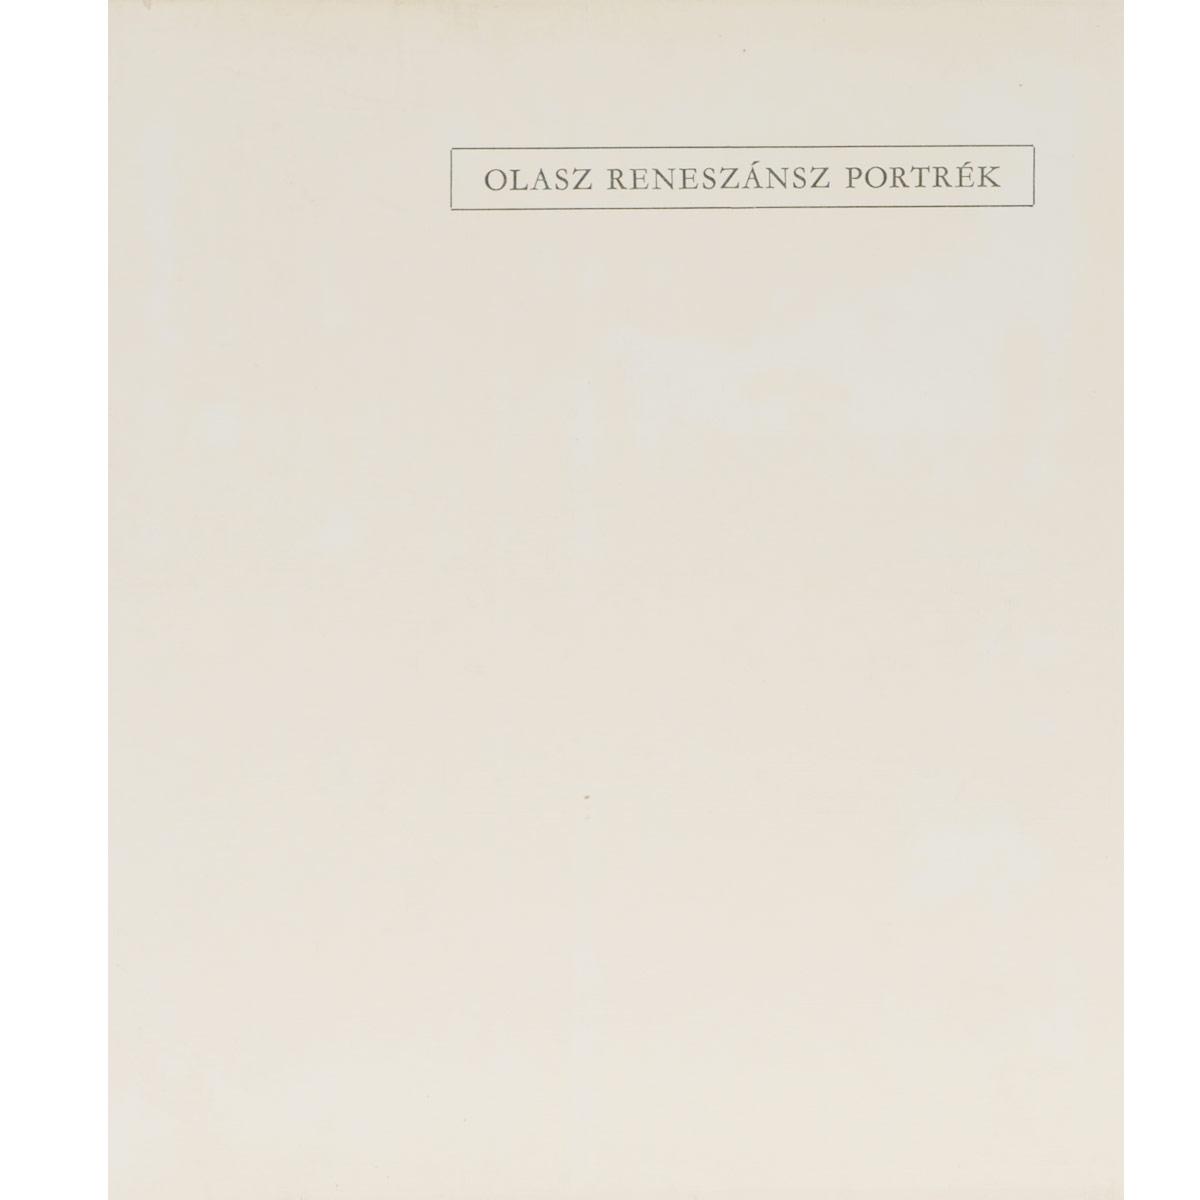 Klara Garas Olasz reneszansz portrek цены